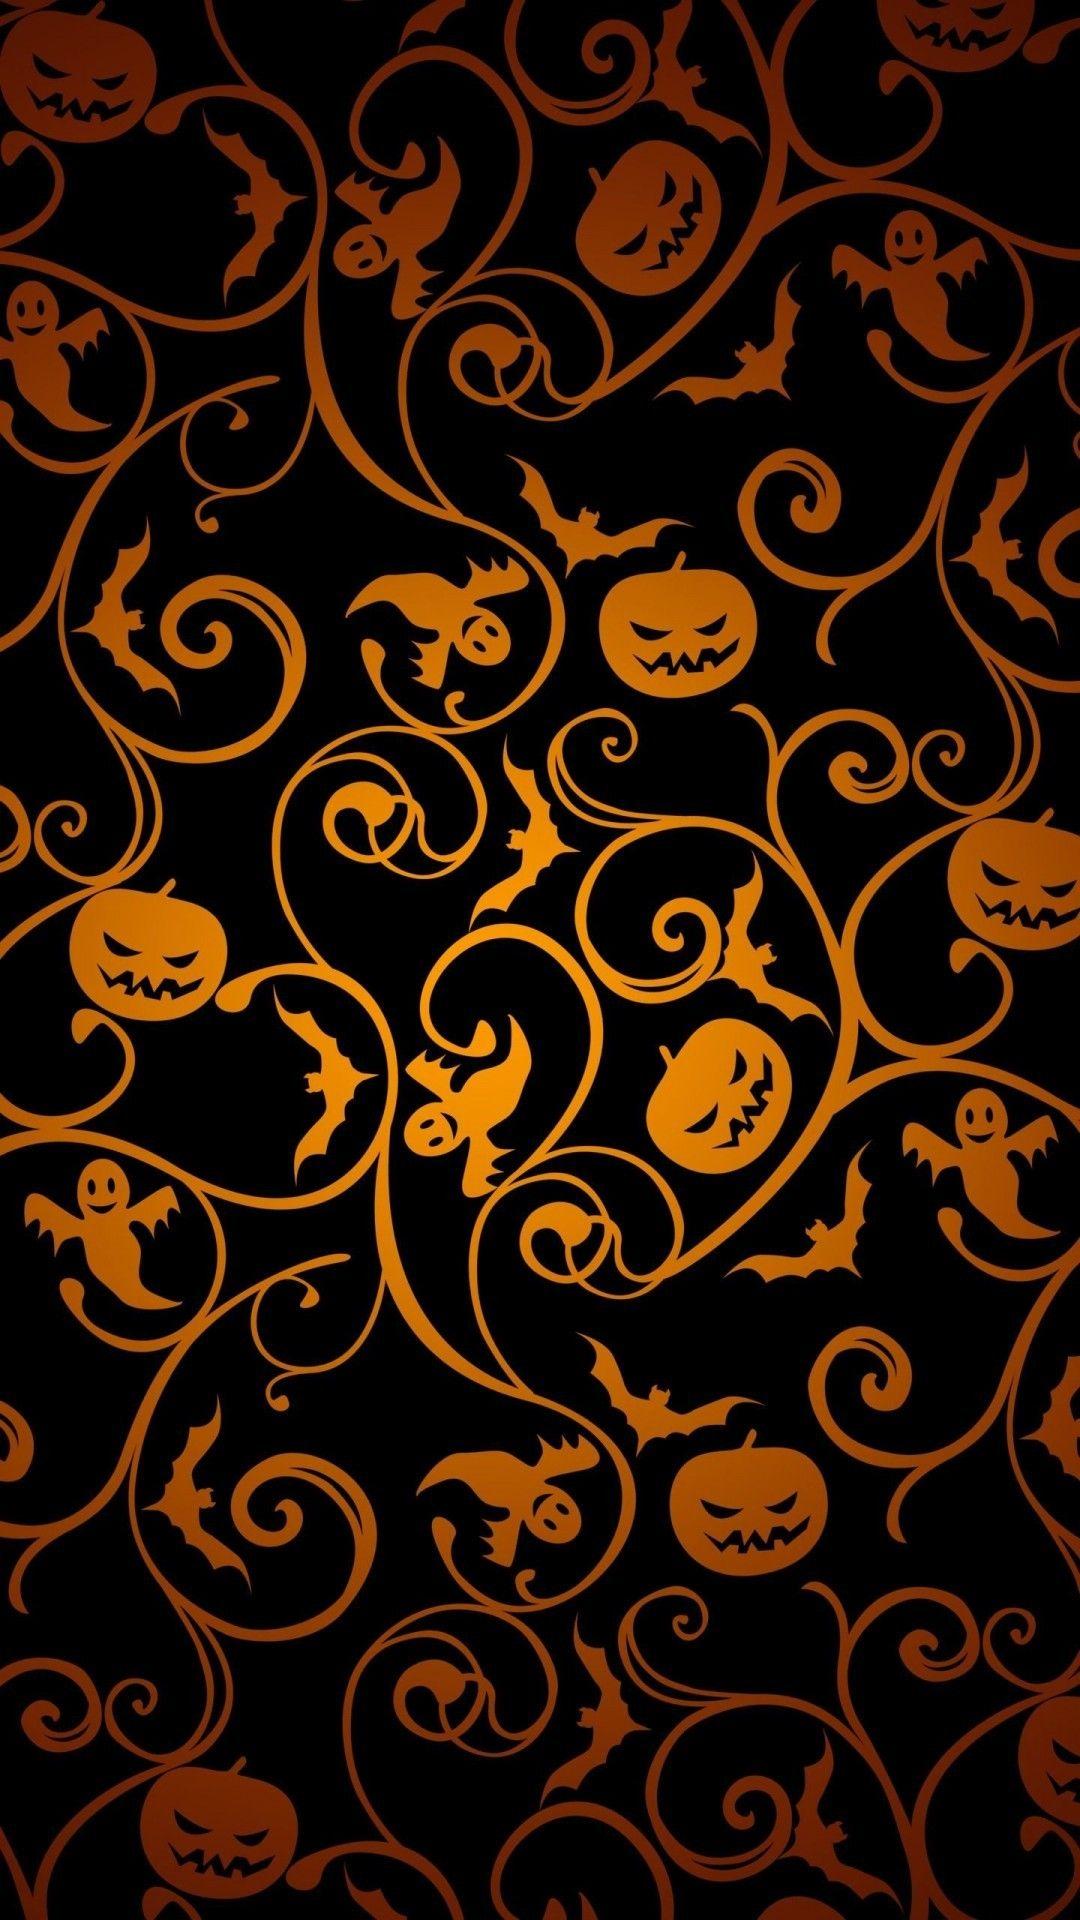 Halloween Wallpapers For Iphone 6 Halloween Wallpaper Iphone Halloween Wallpaper Pretty Wallpapers